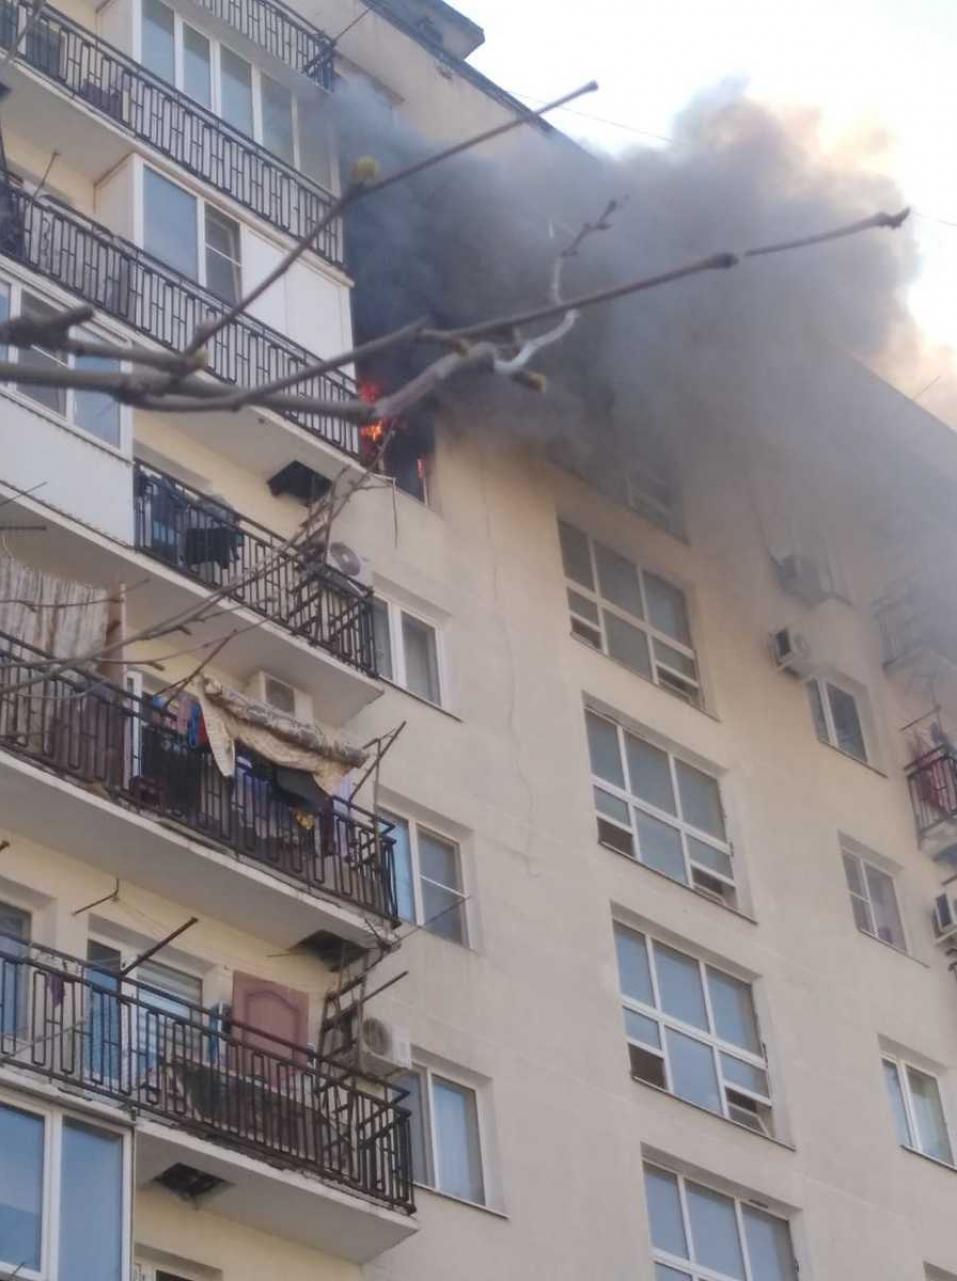 Пожар разгорелся в многоквартирном доме Новороссийска